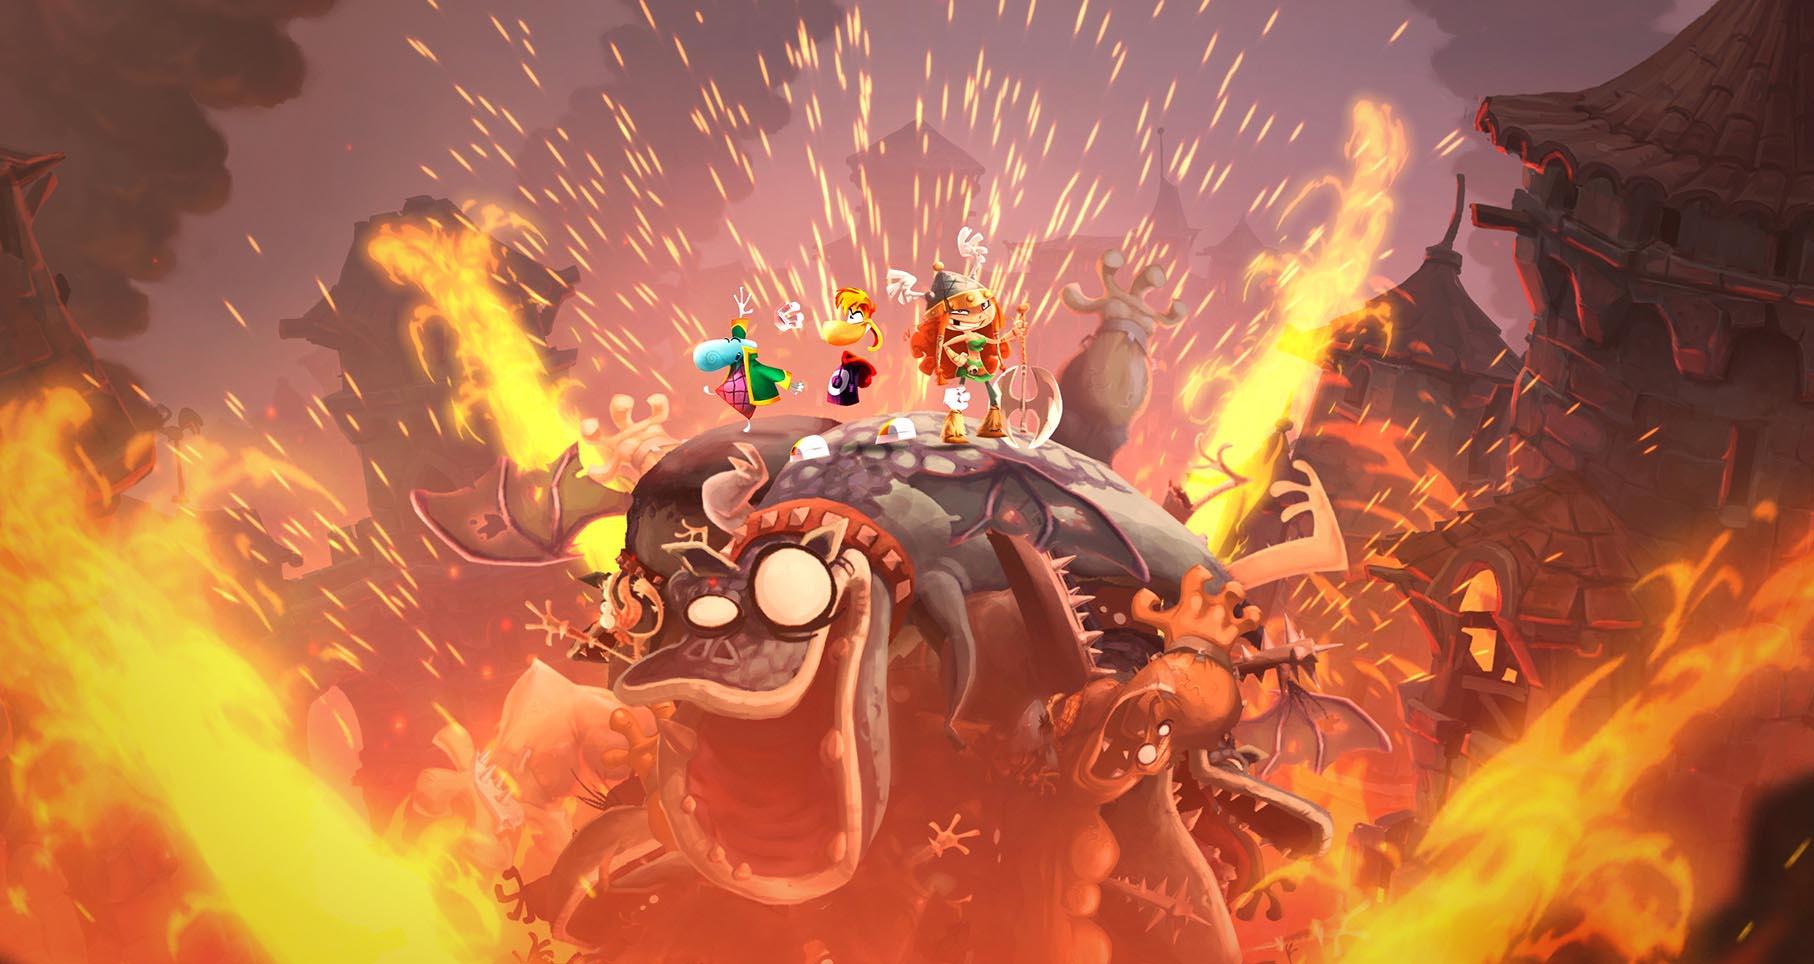 RaymanLegends Wii U Editeur 019